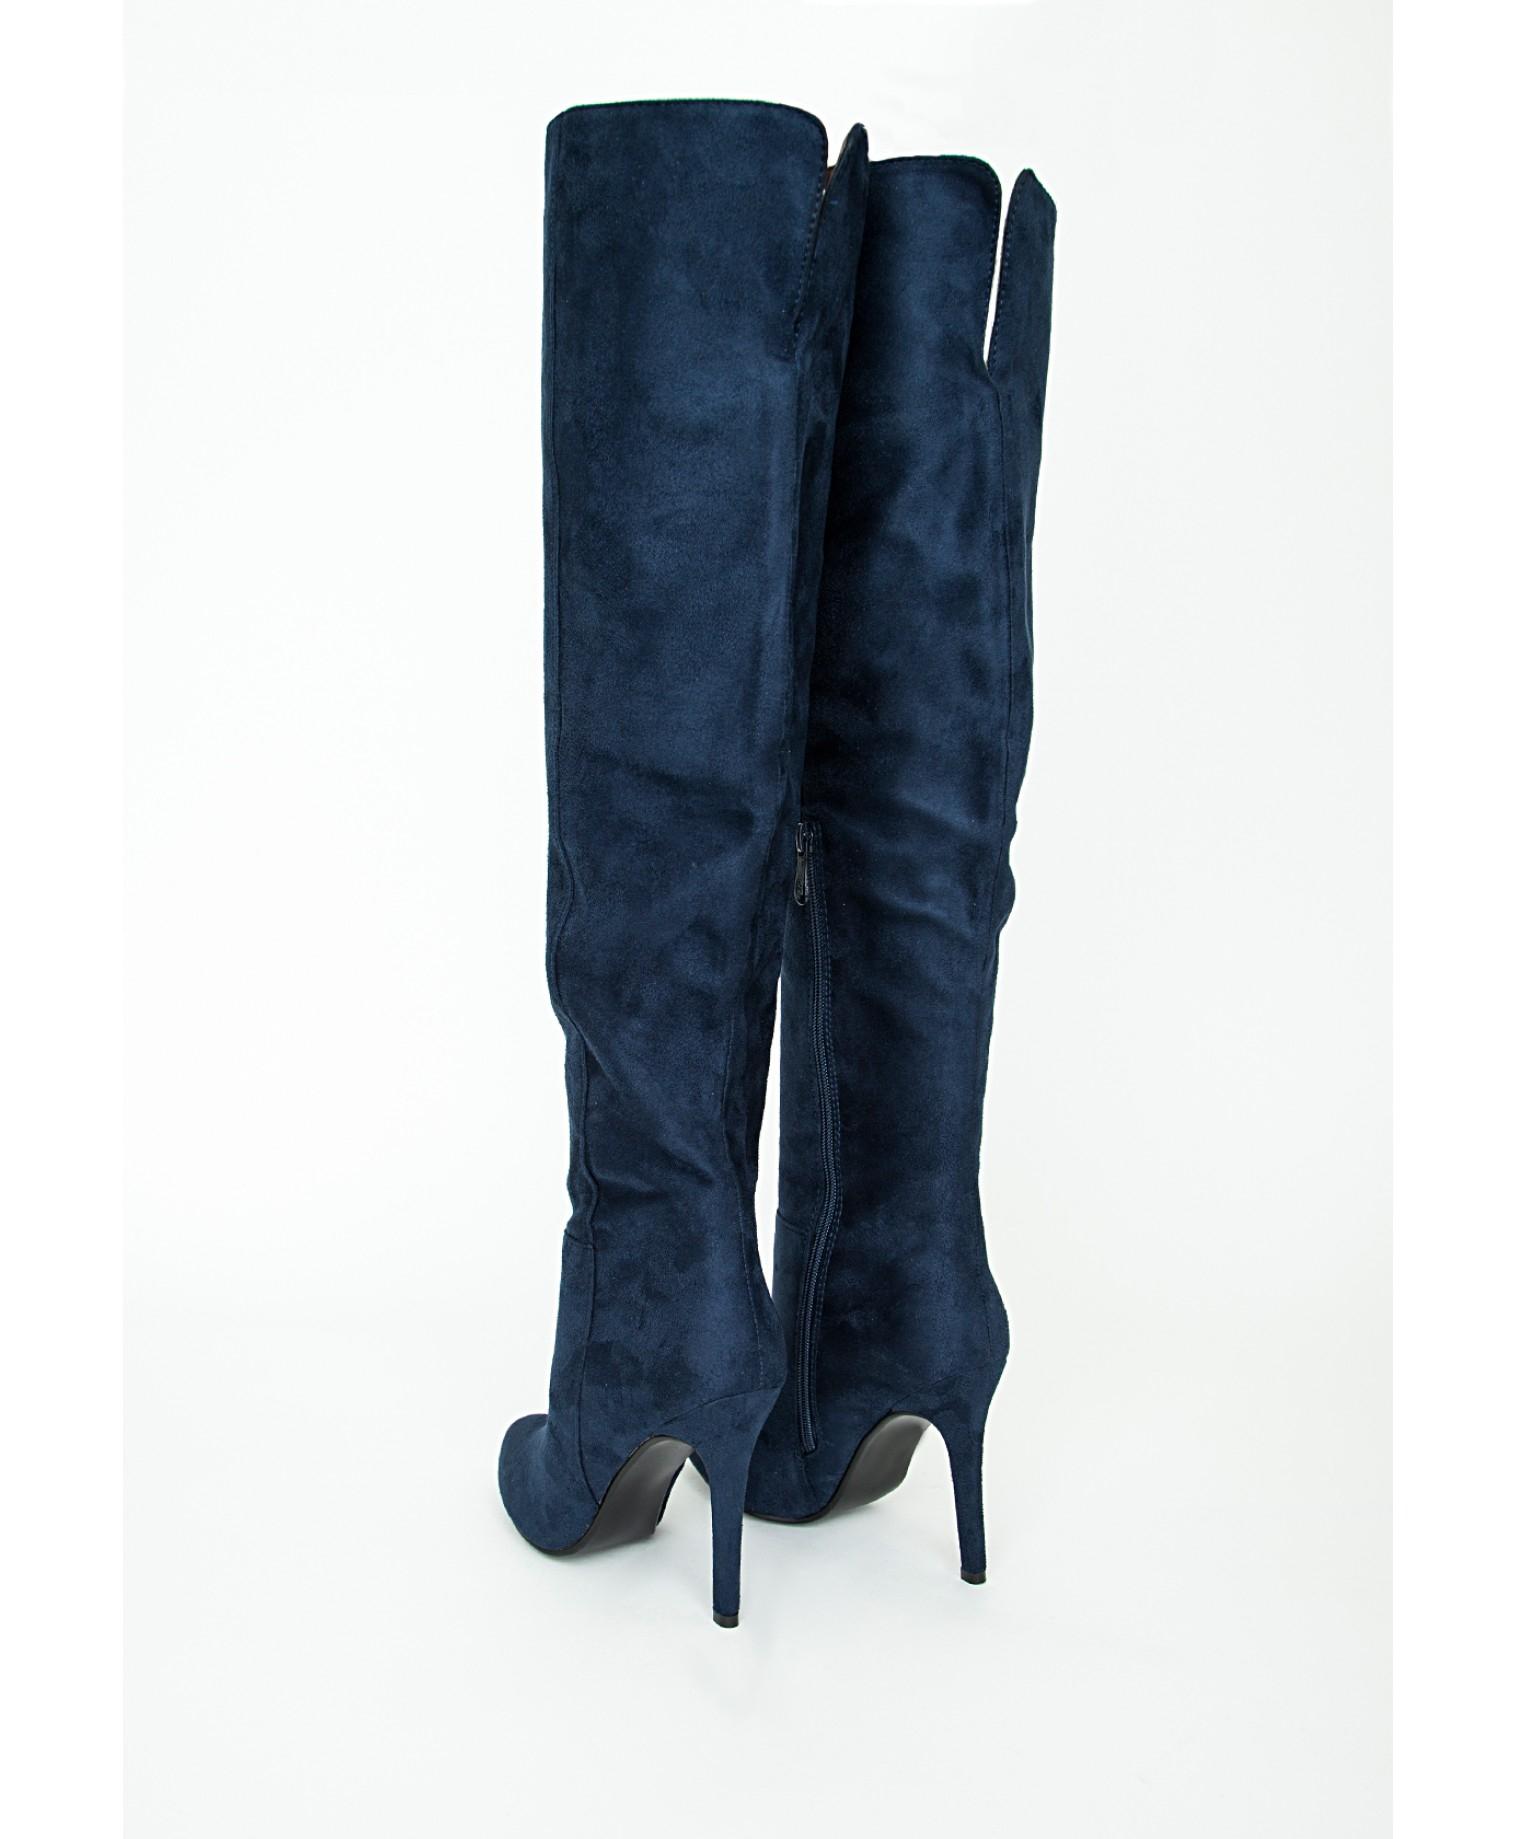 Navy Blue High Heel Boots | Tsaa Heel